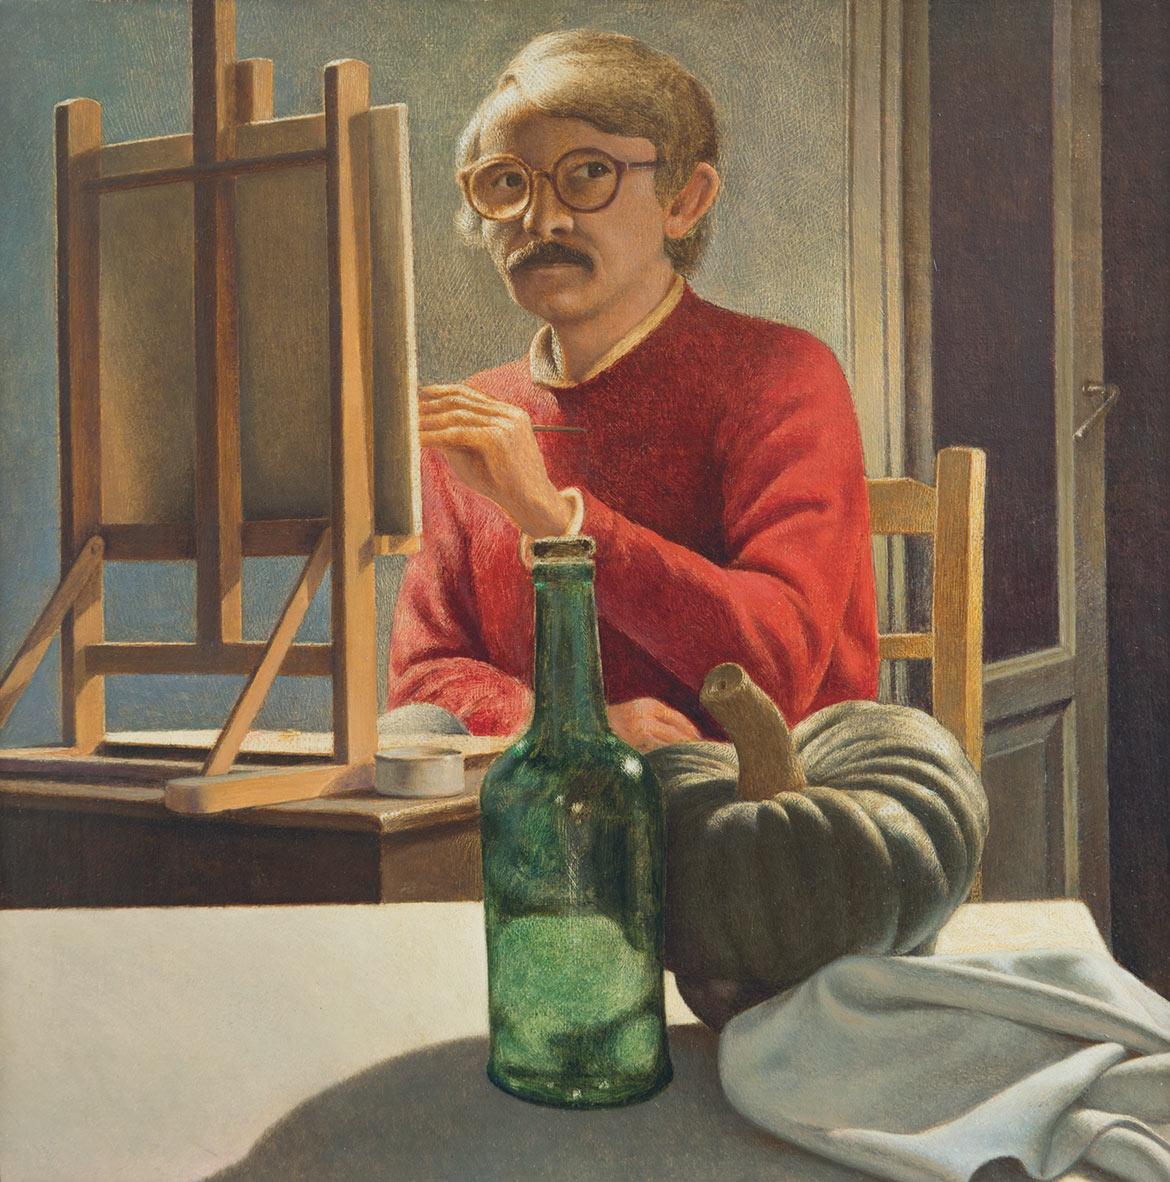 Autoritratto - 27x27 cm - 1990 - olio su tela riportata su tavola